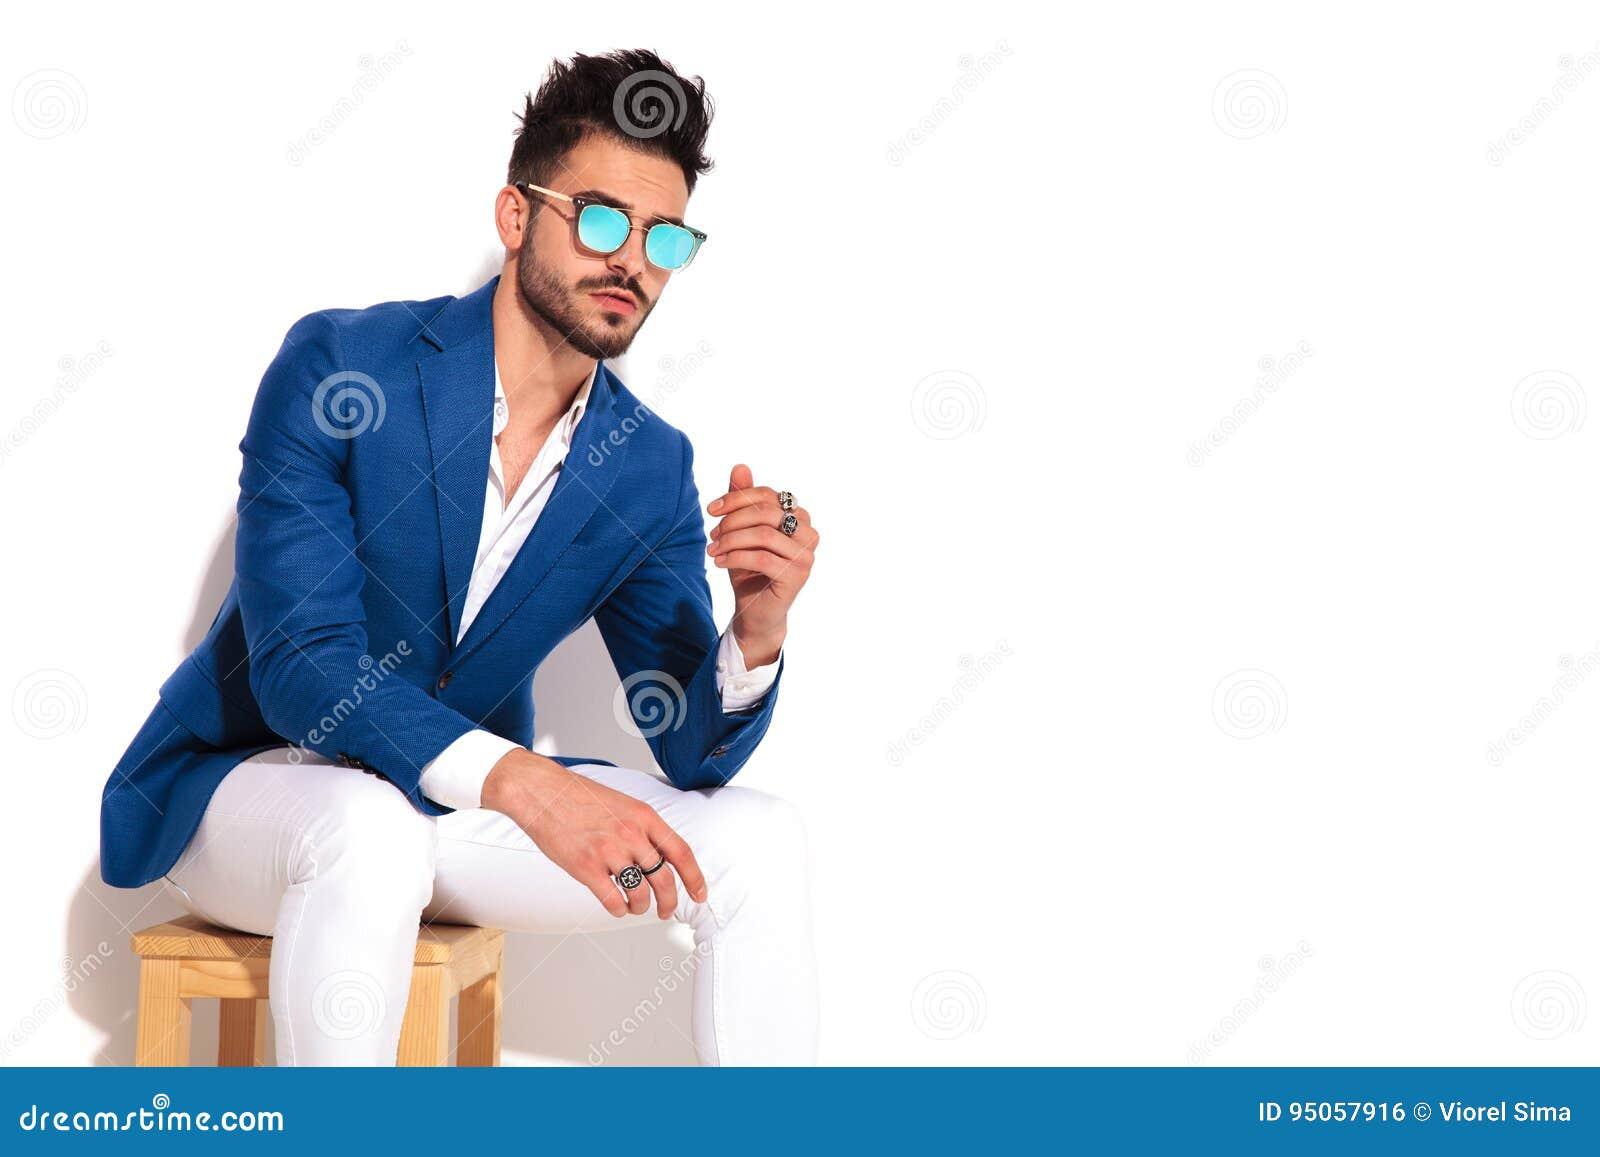 Asentado Y En Sol Azules El Para A Mira Traje Gafas Echar Hombre De kiXTPZuO